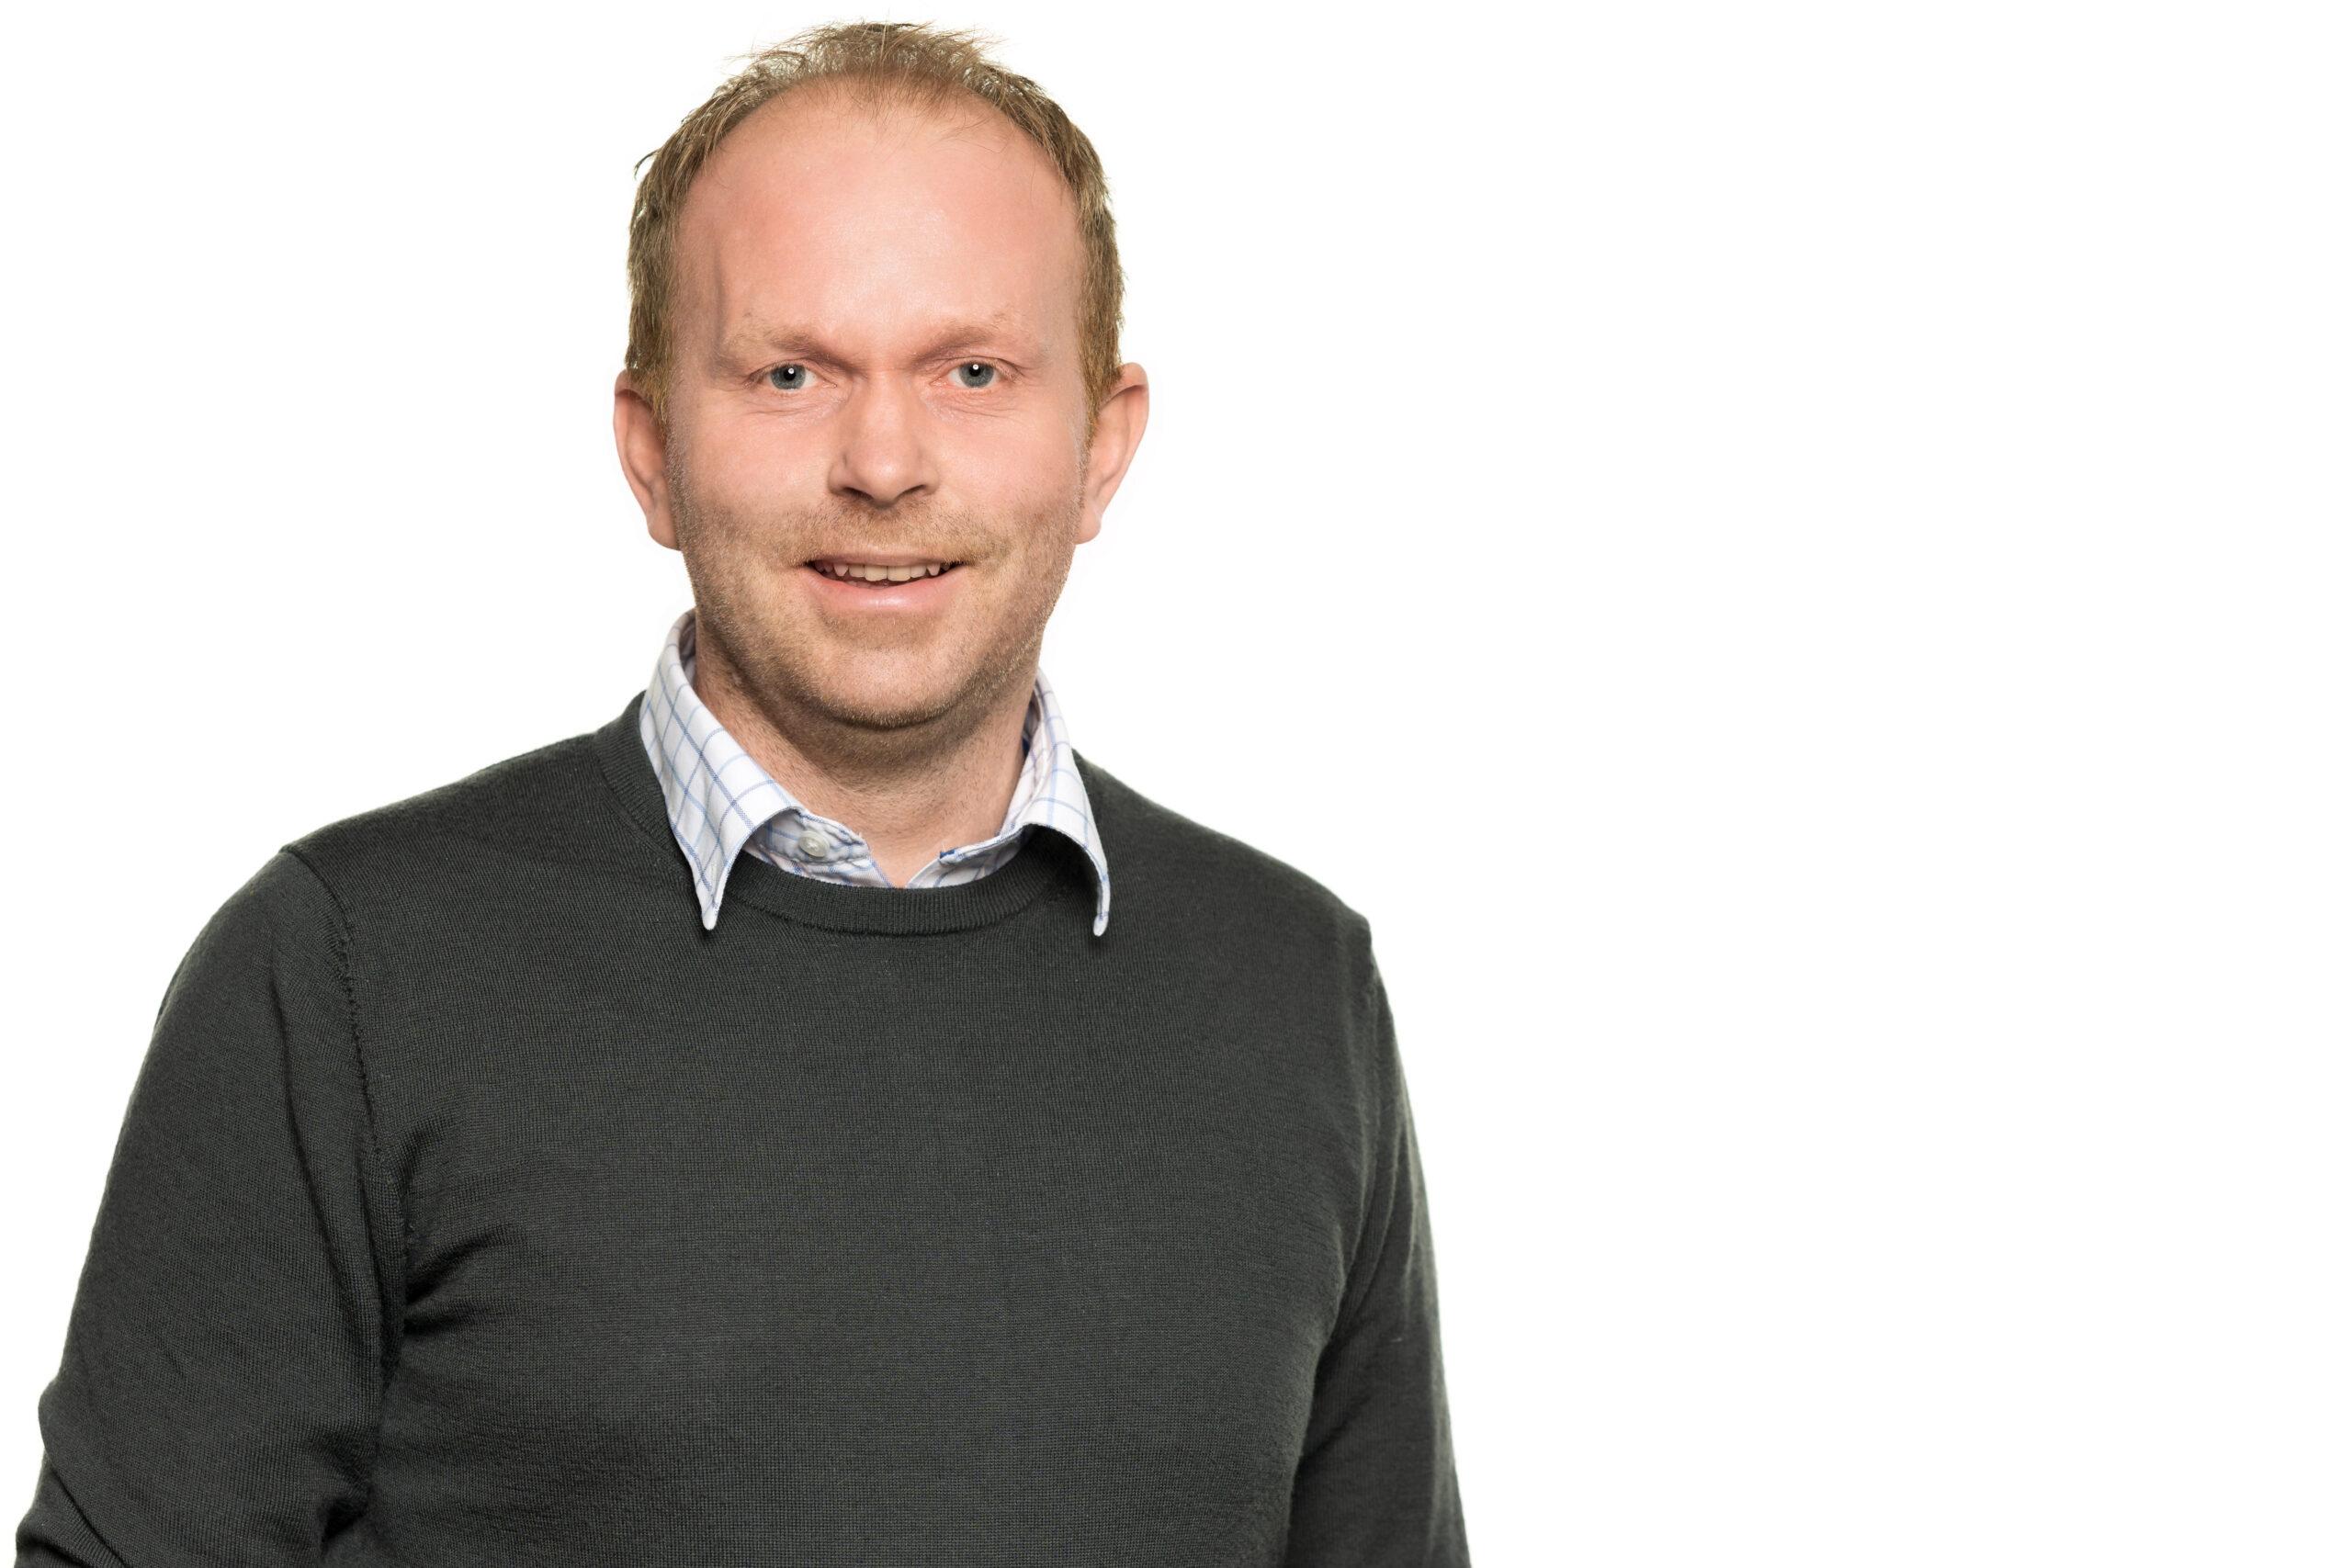 Ronald Magnussen